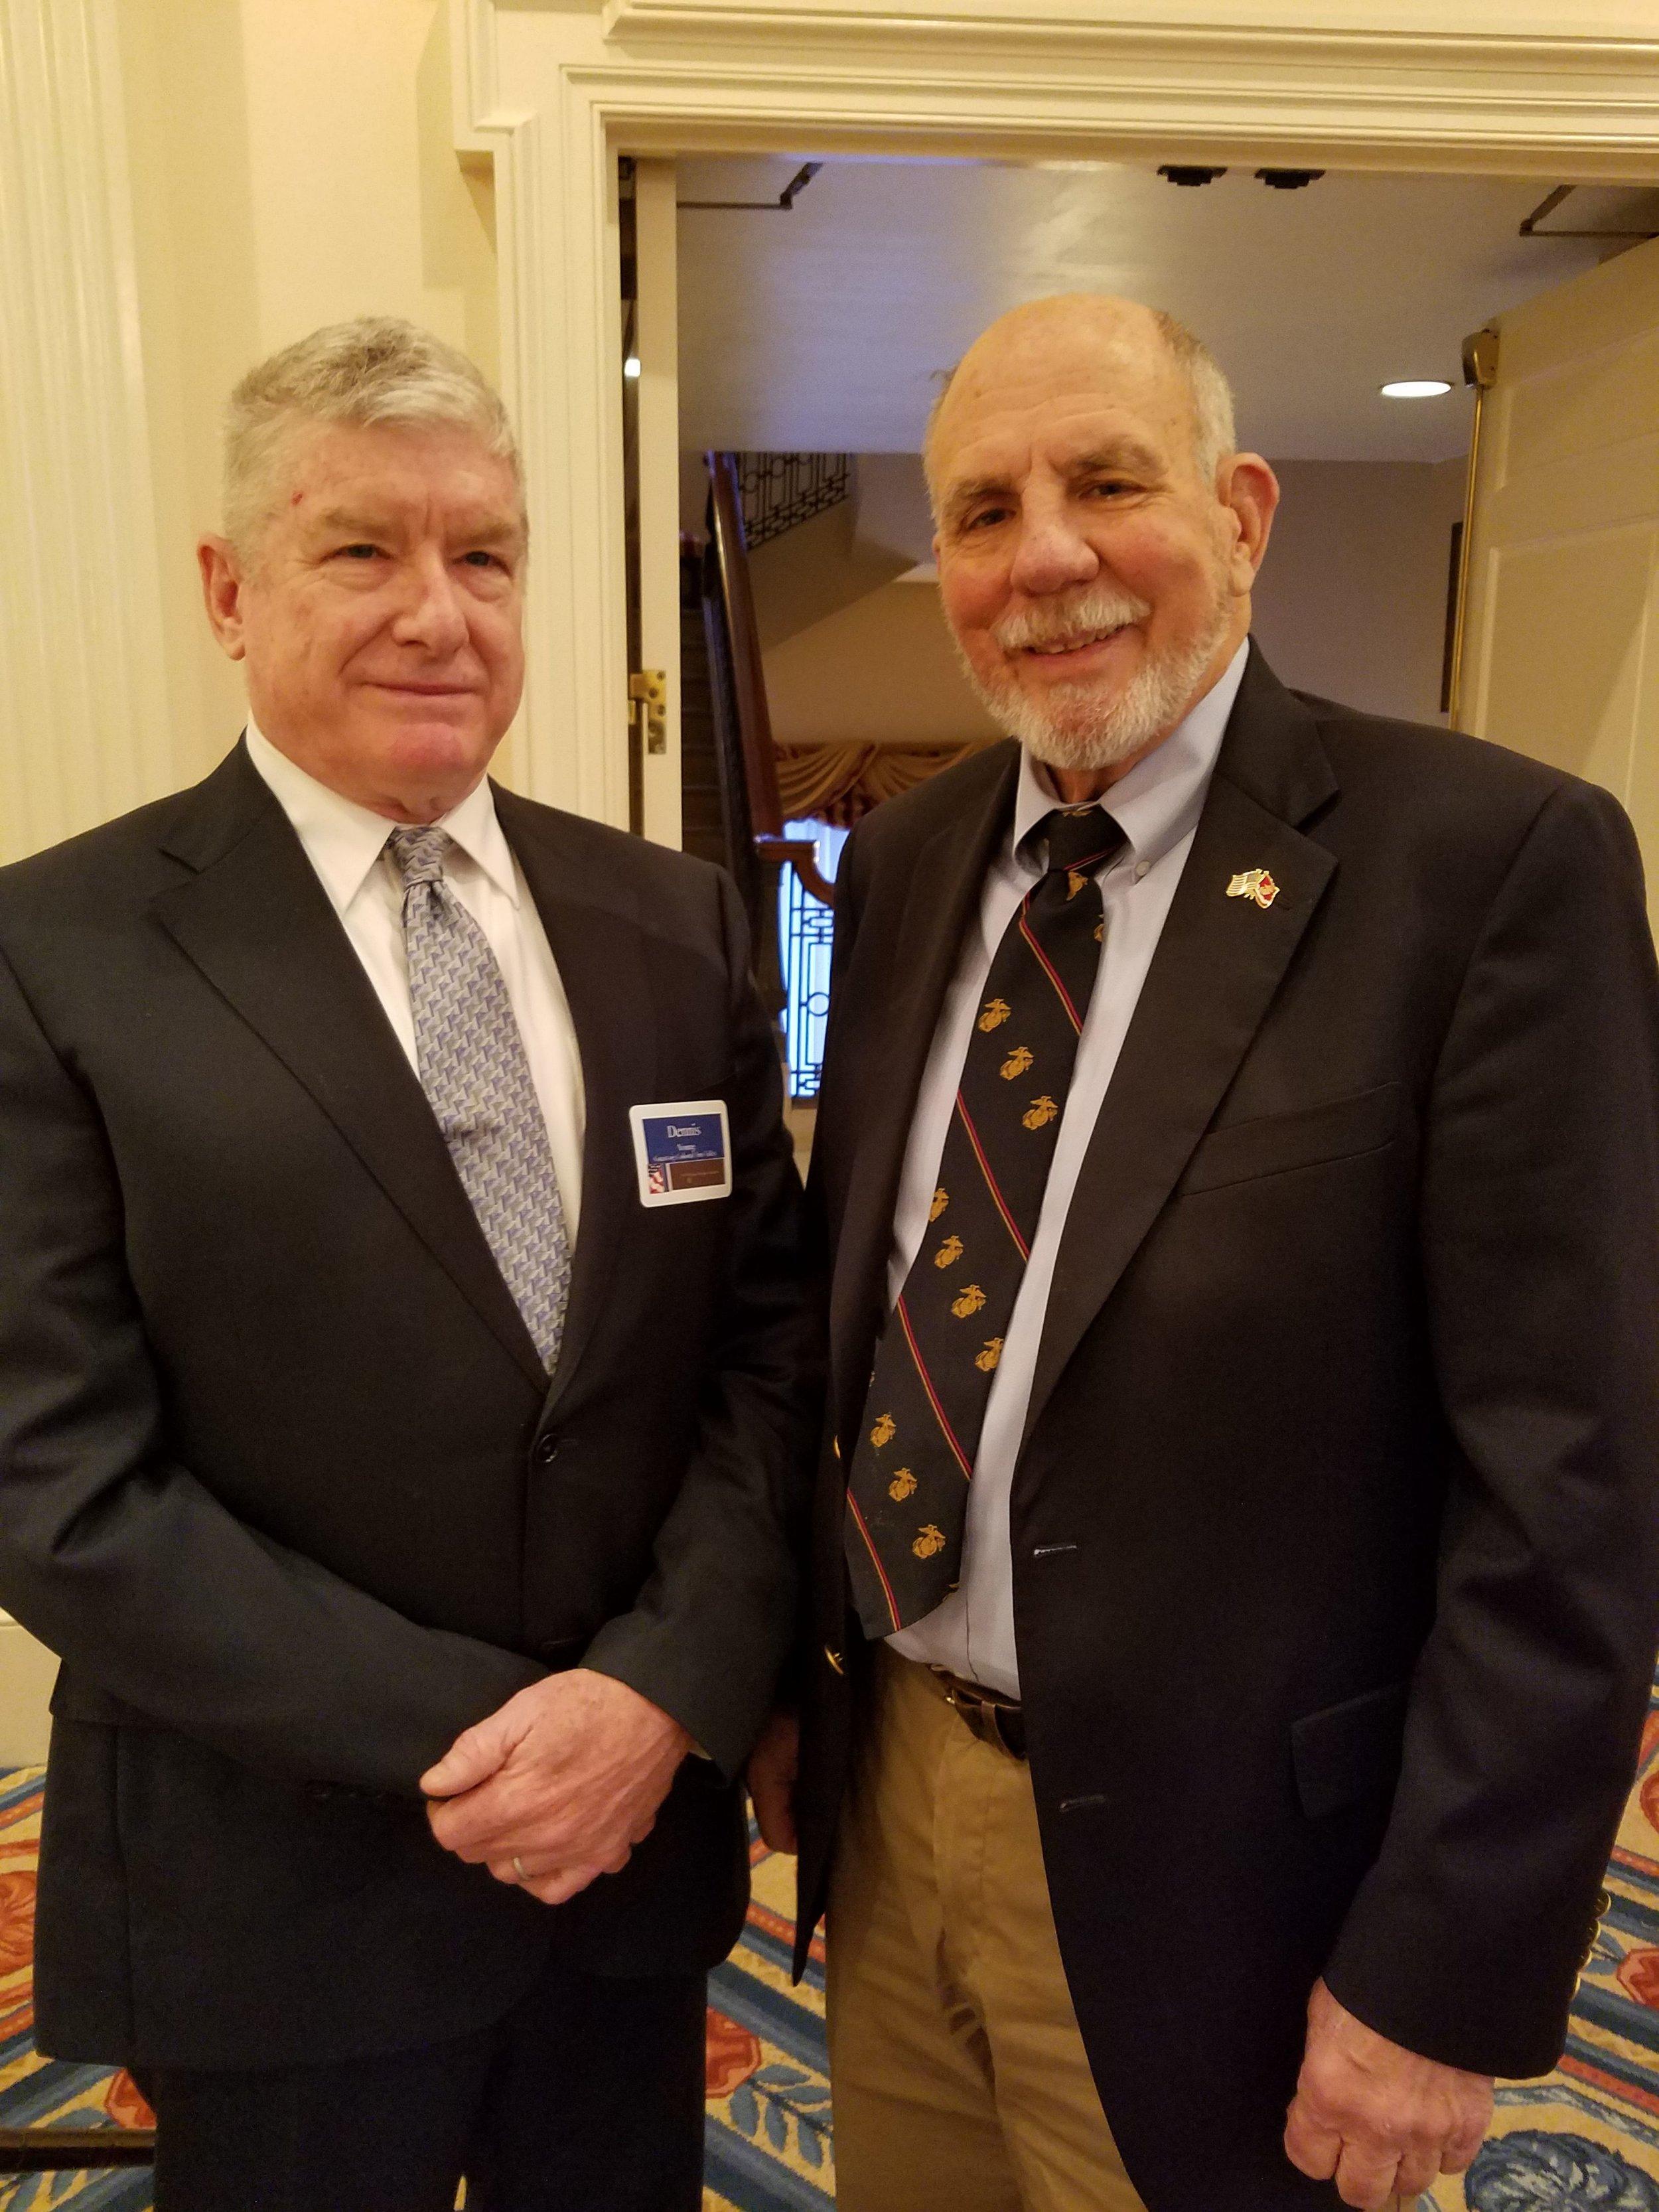 USMC Birthday 2018 - 2018-11-09 16.58.35 (Betsy S.).jpg